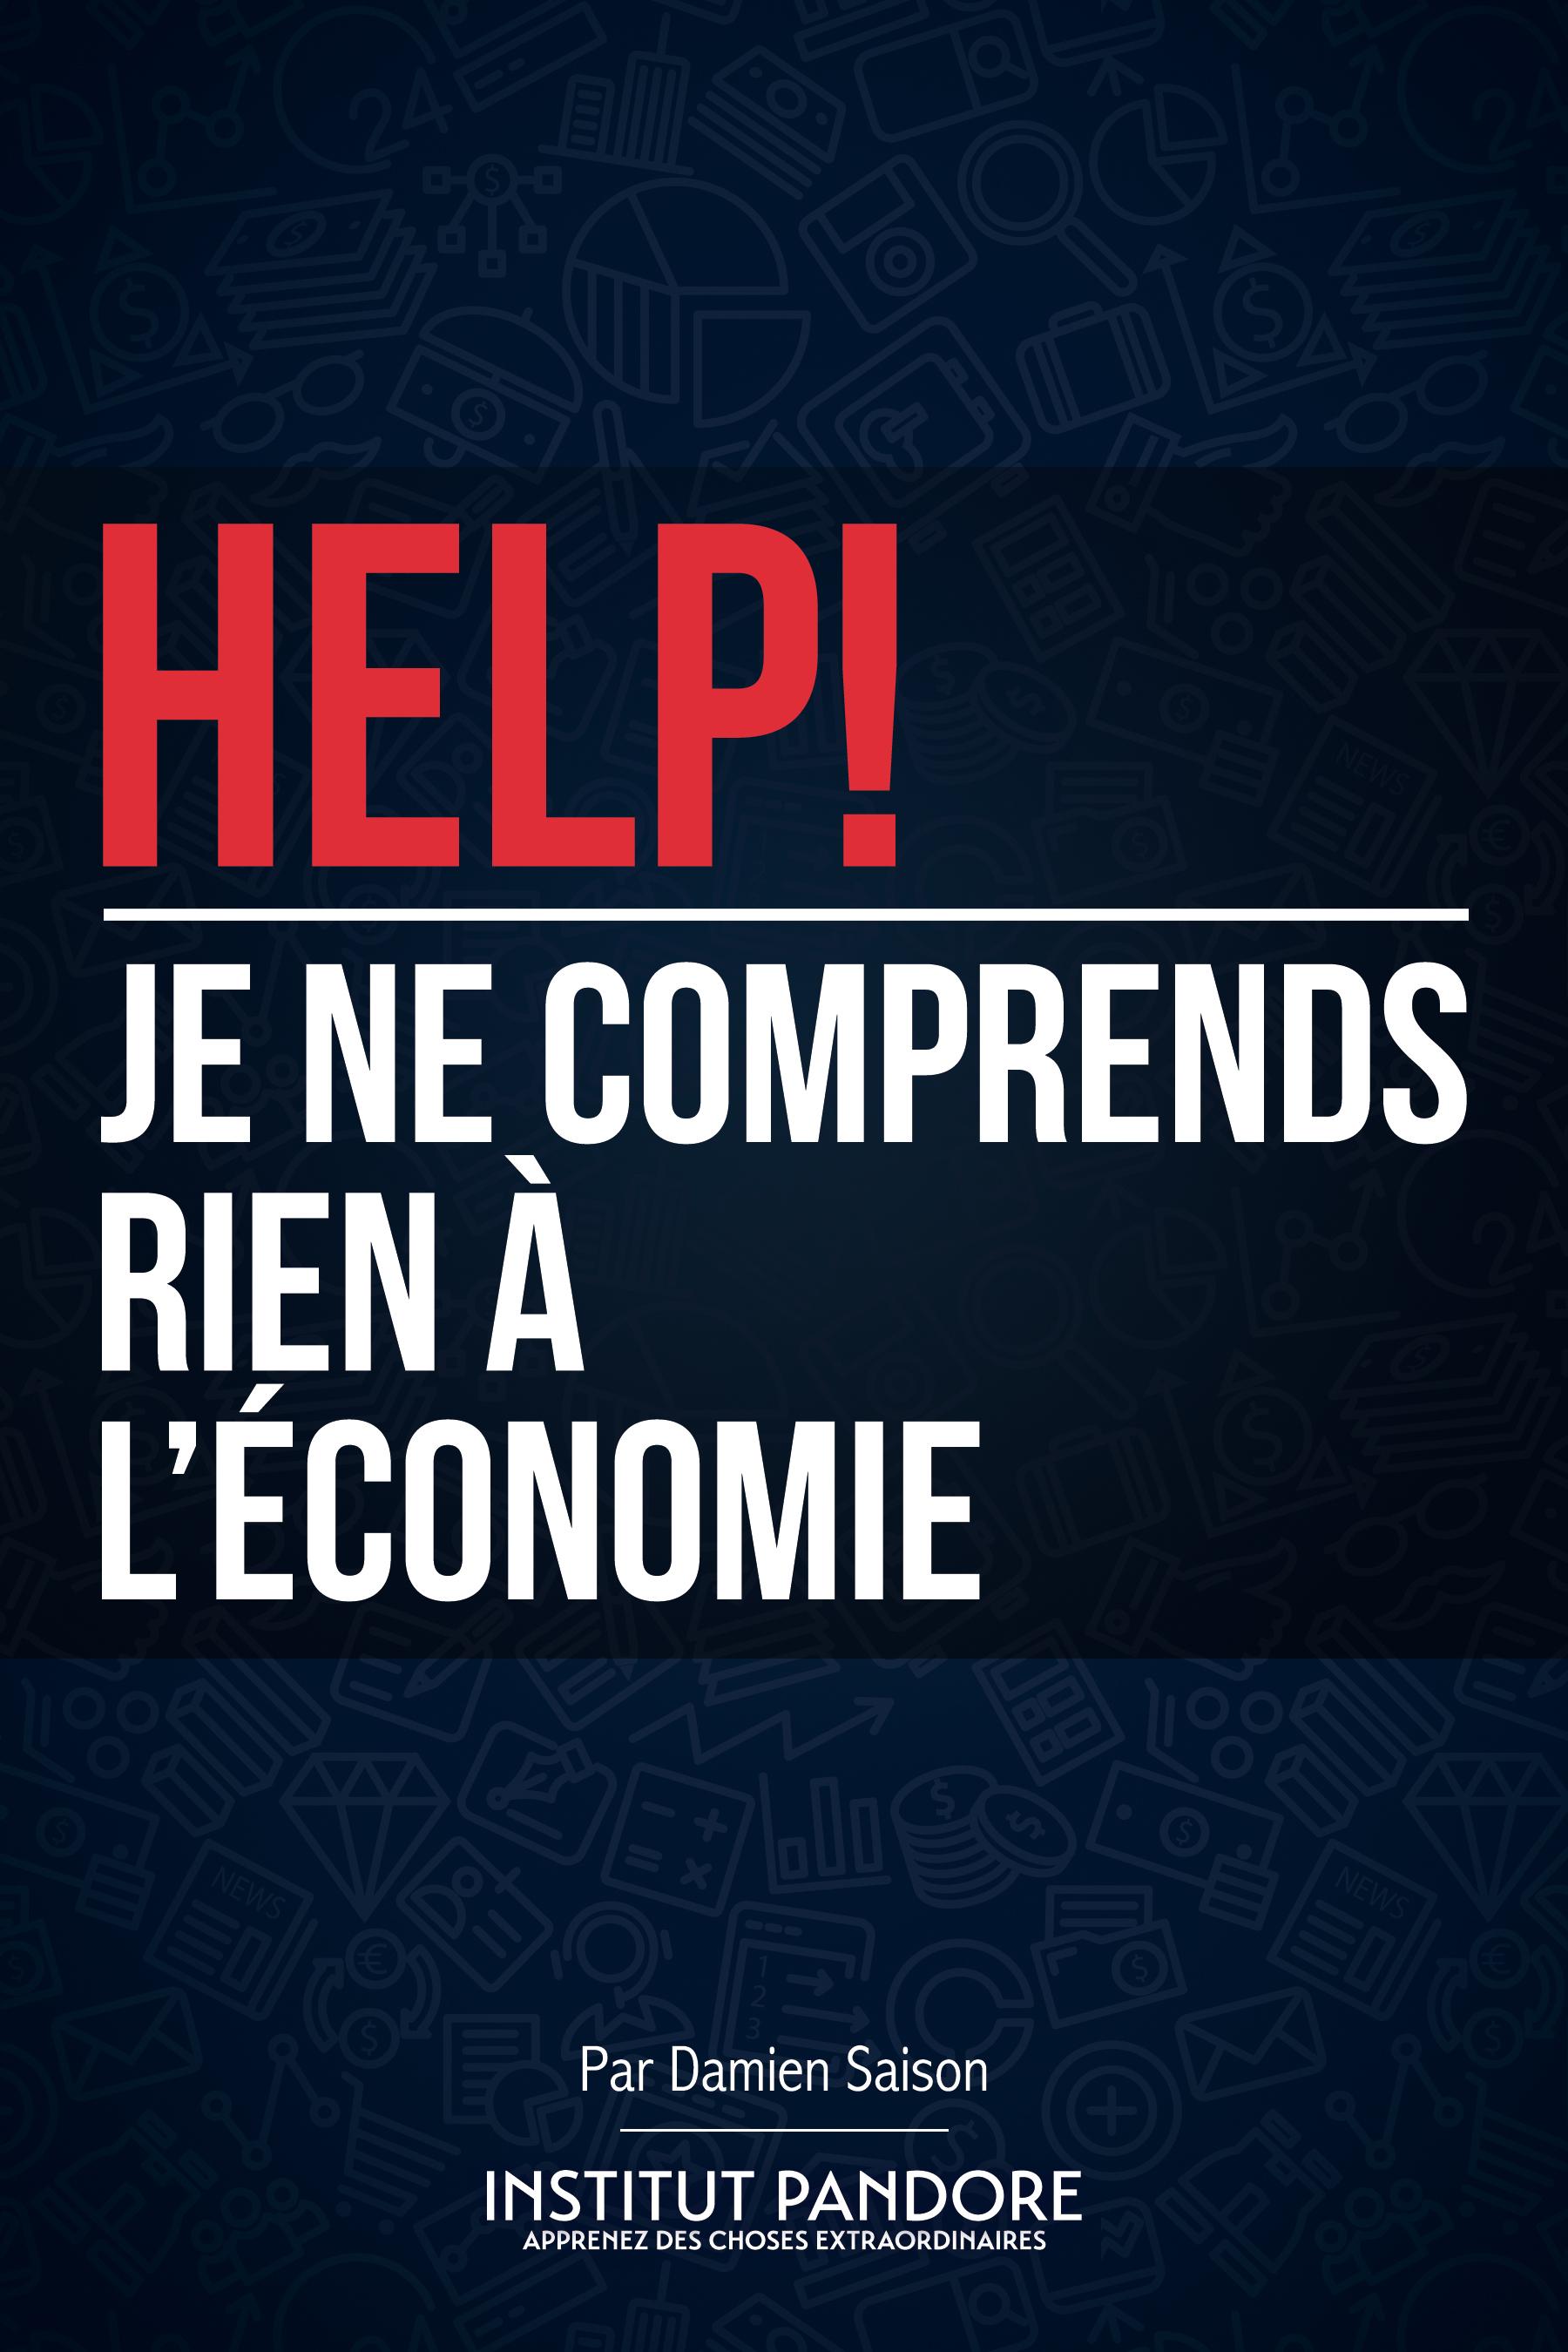 HELP! JE NE COMPRENDS RIEN A L'ECONOMIE